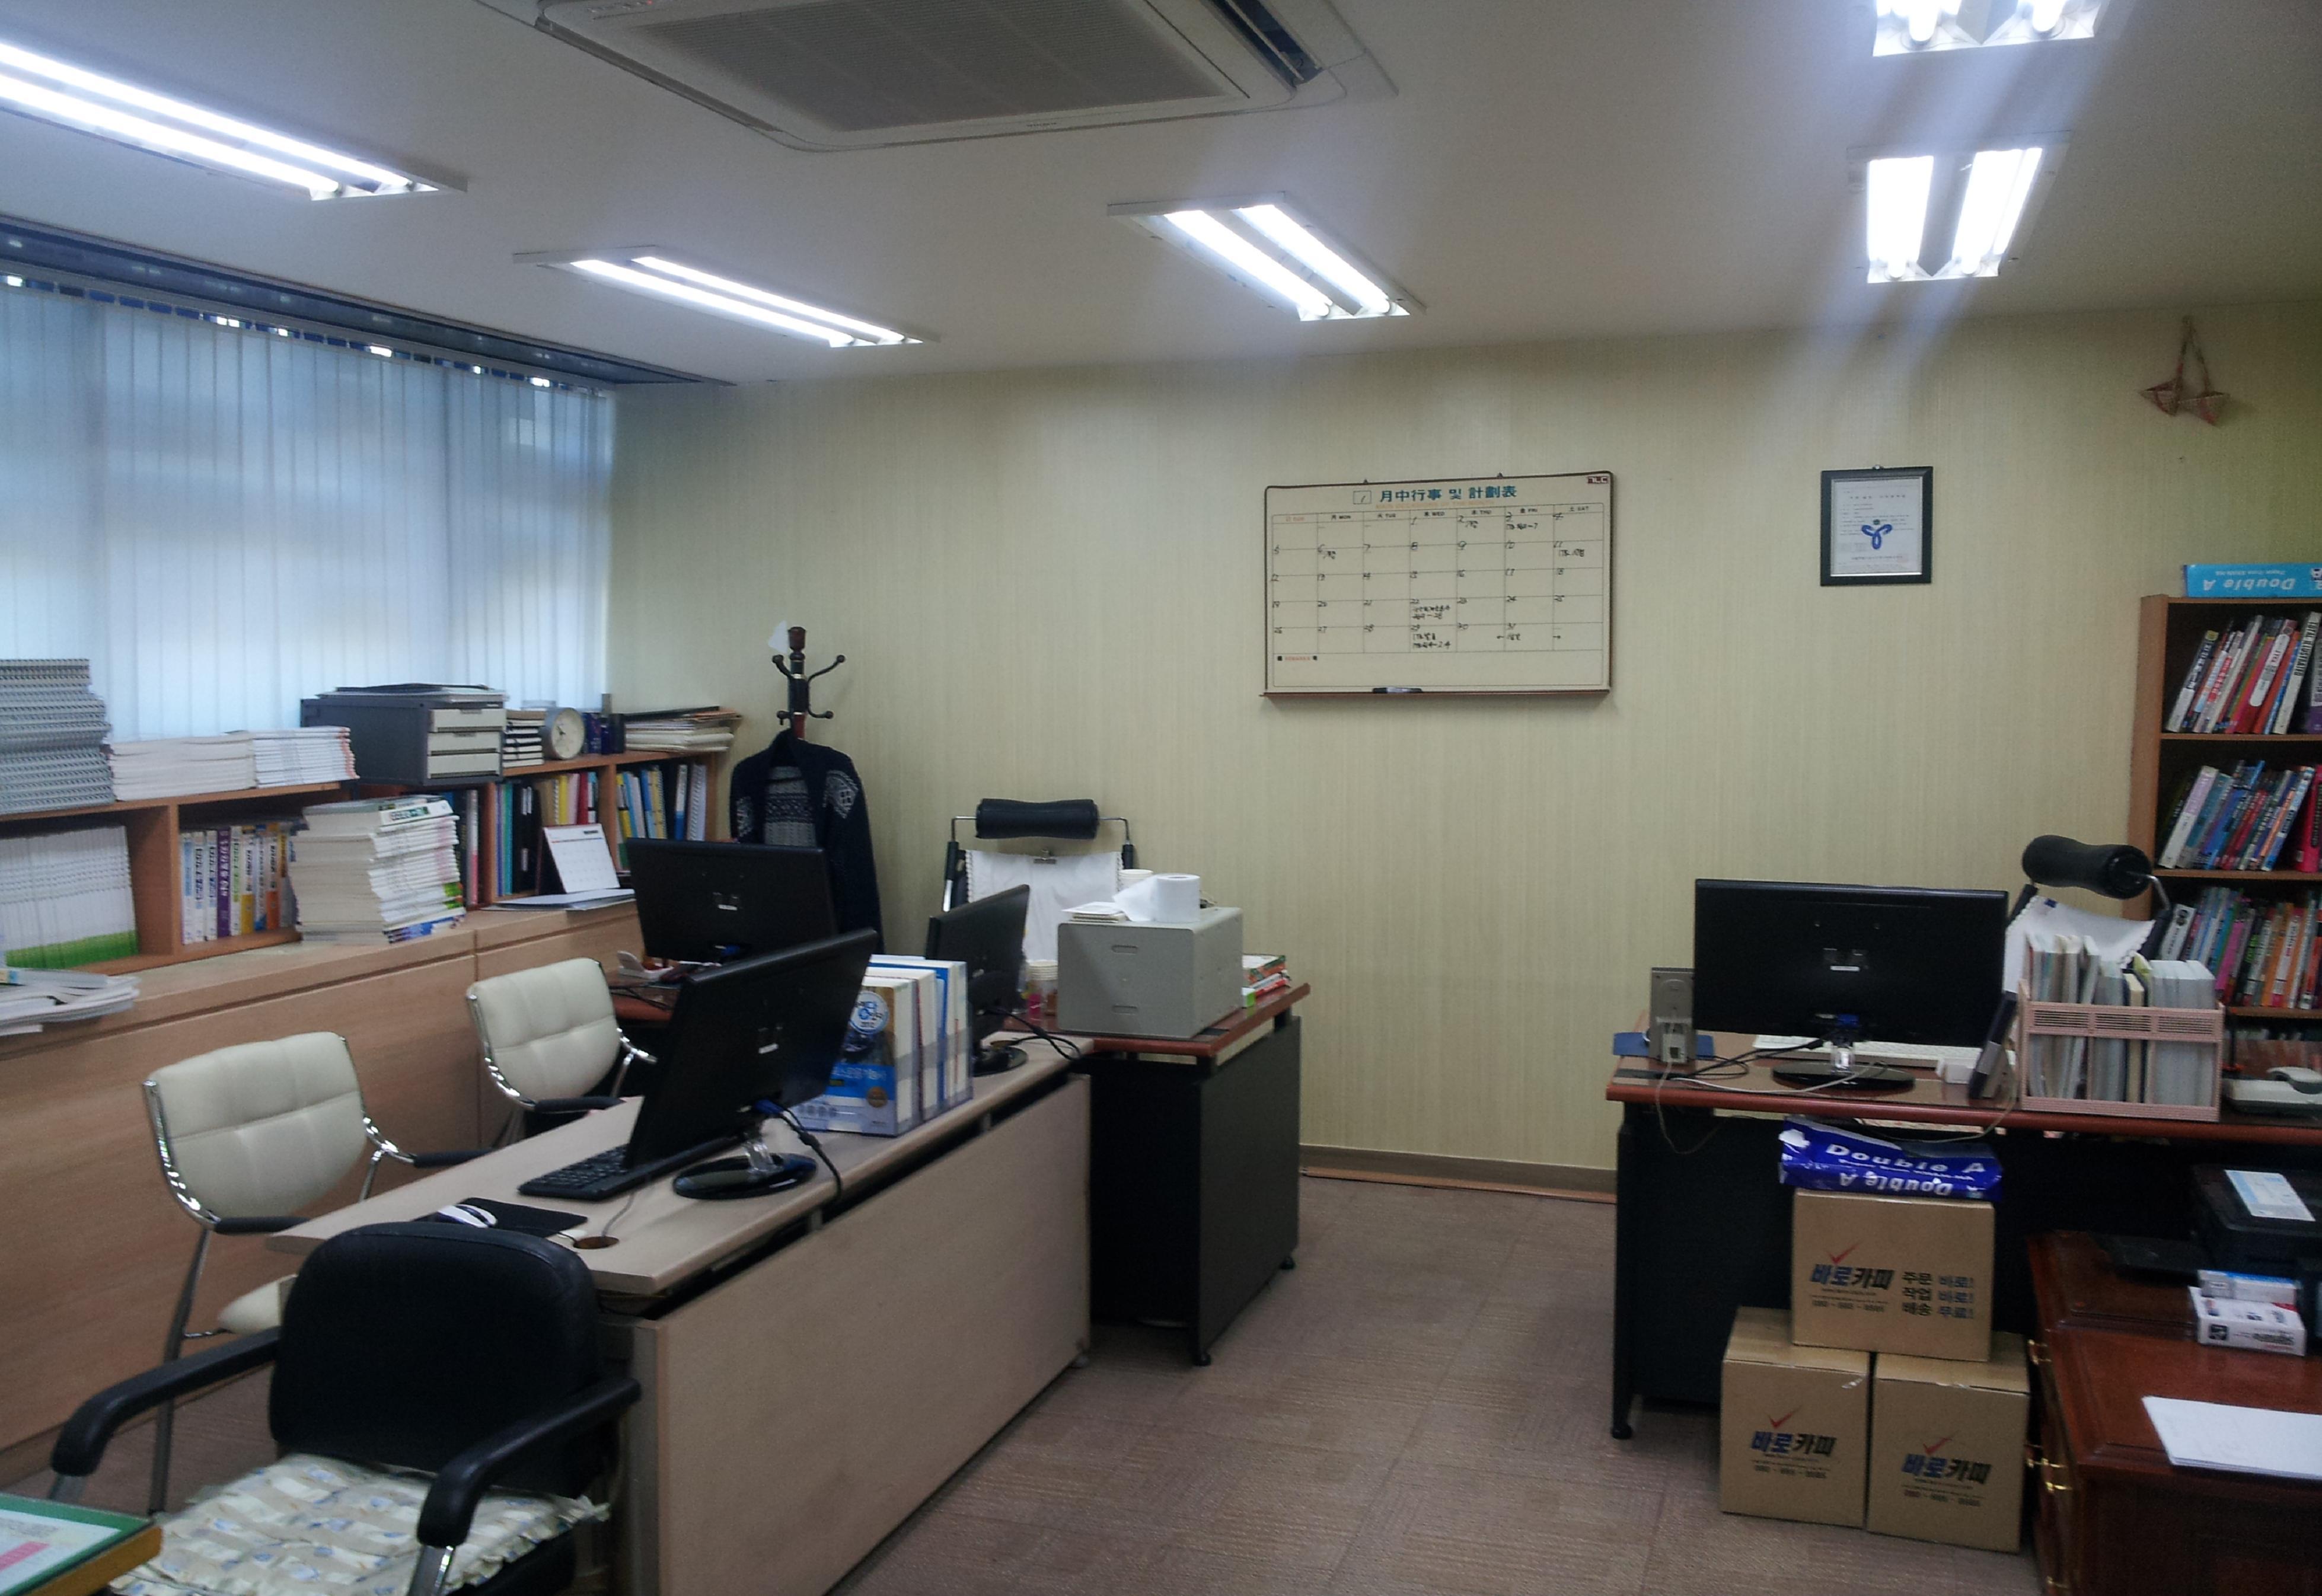 20140109_103658.jpg